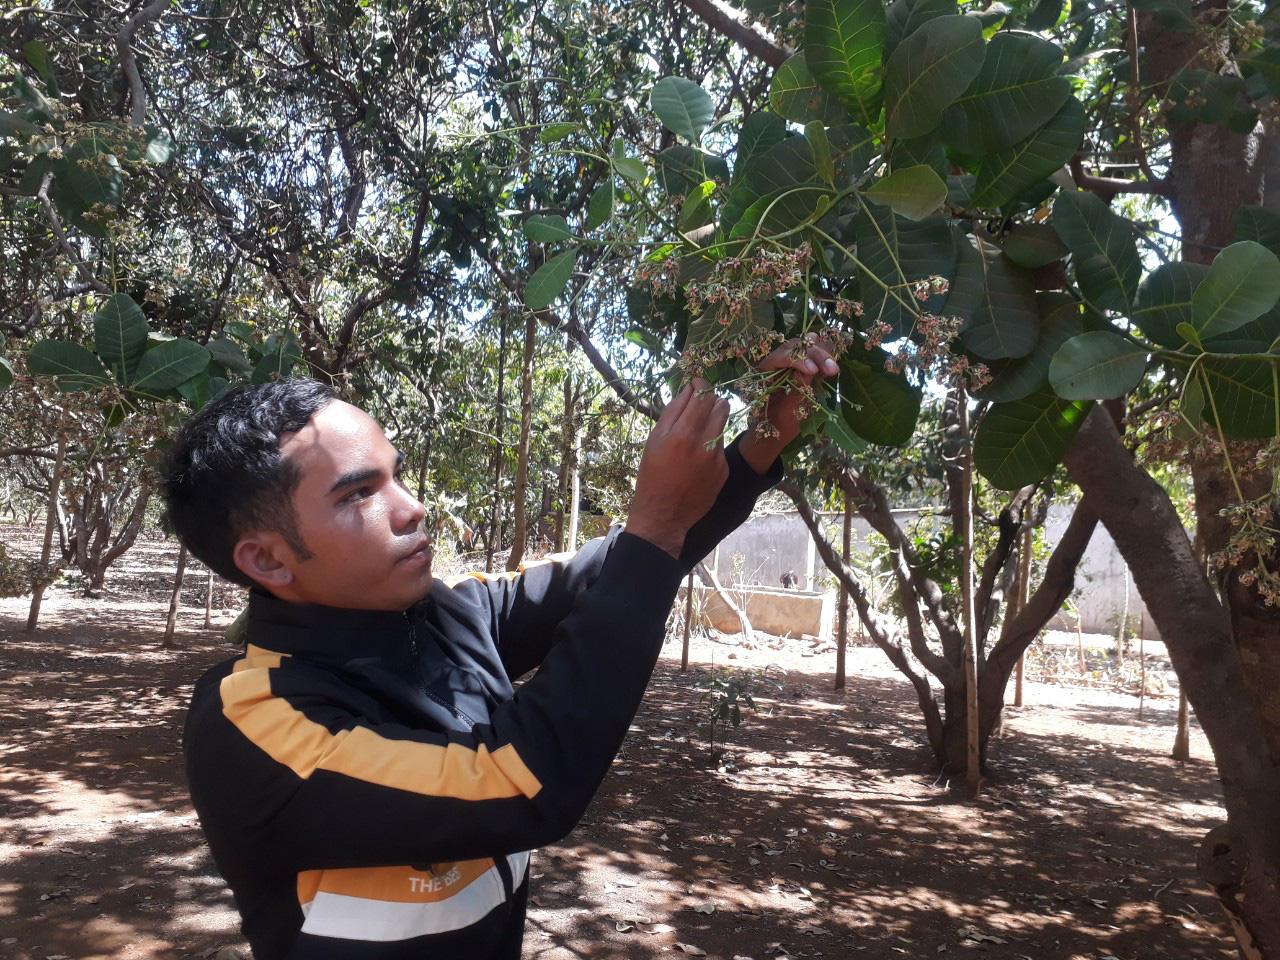 Hàng nghìn nông dân lo lắng mất mùa vì điều ra quả ít dù rất nhiều hoa - Ảnh 4.